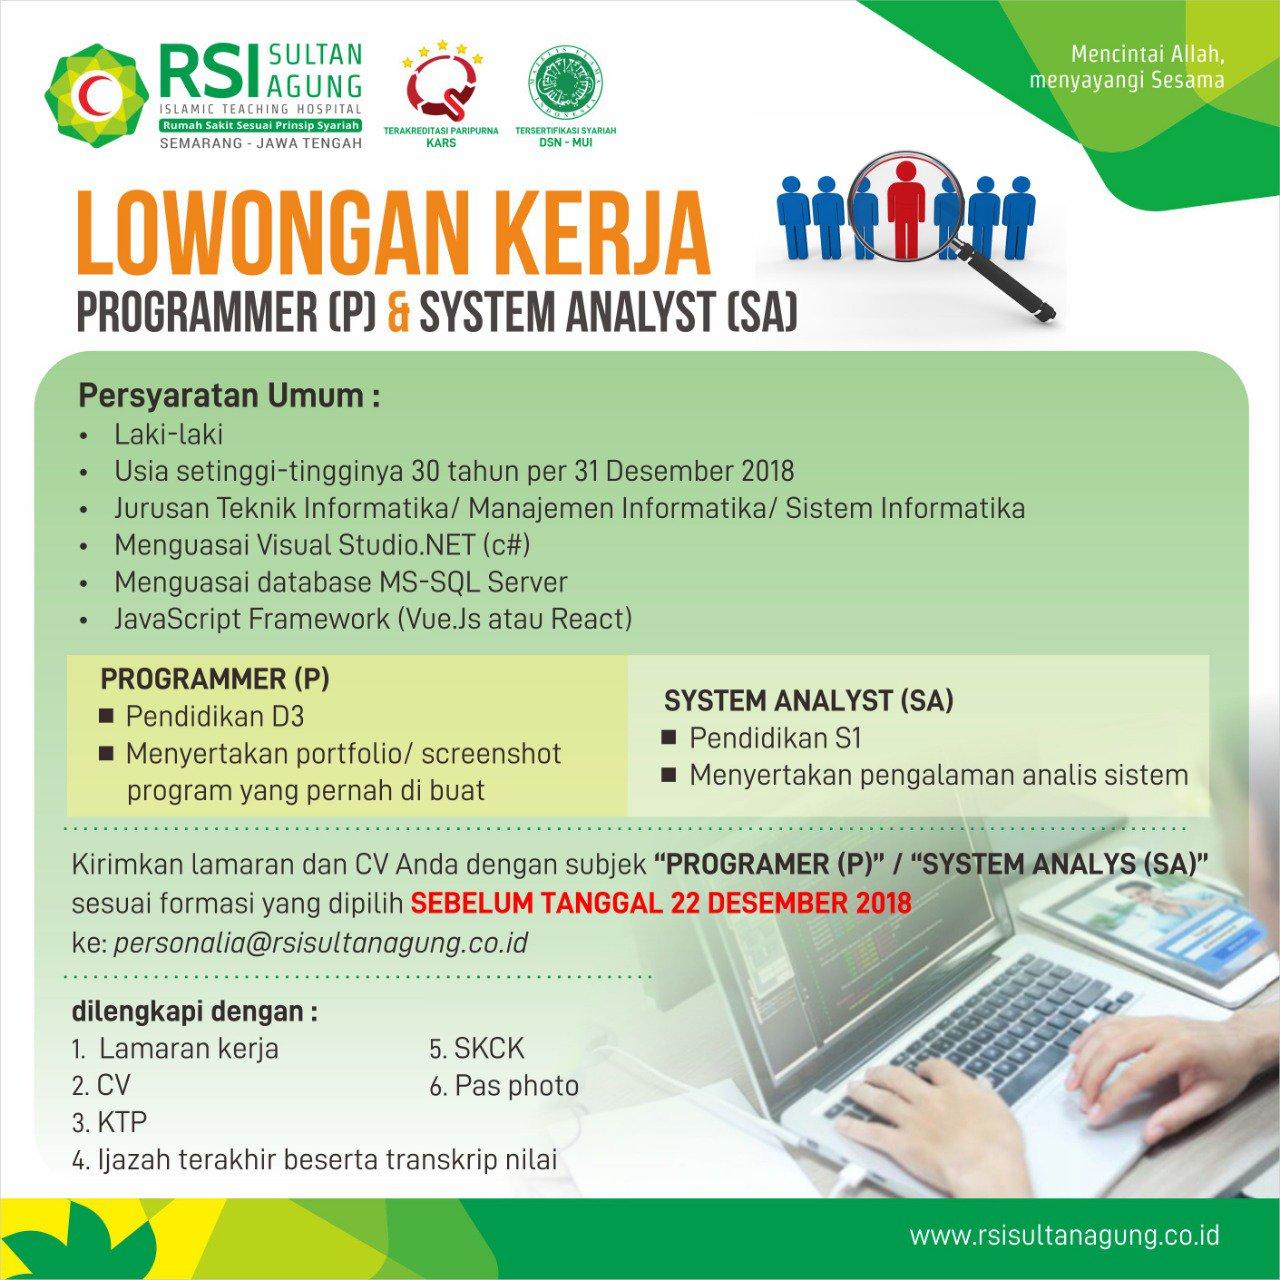 Lowongan Kerja Rsi Sultan Agung Deadline 22 Desember 2018 Rekrutmen Dan Lowongan Kerja Bulan Februari 2021